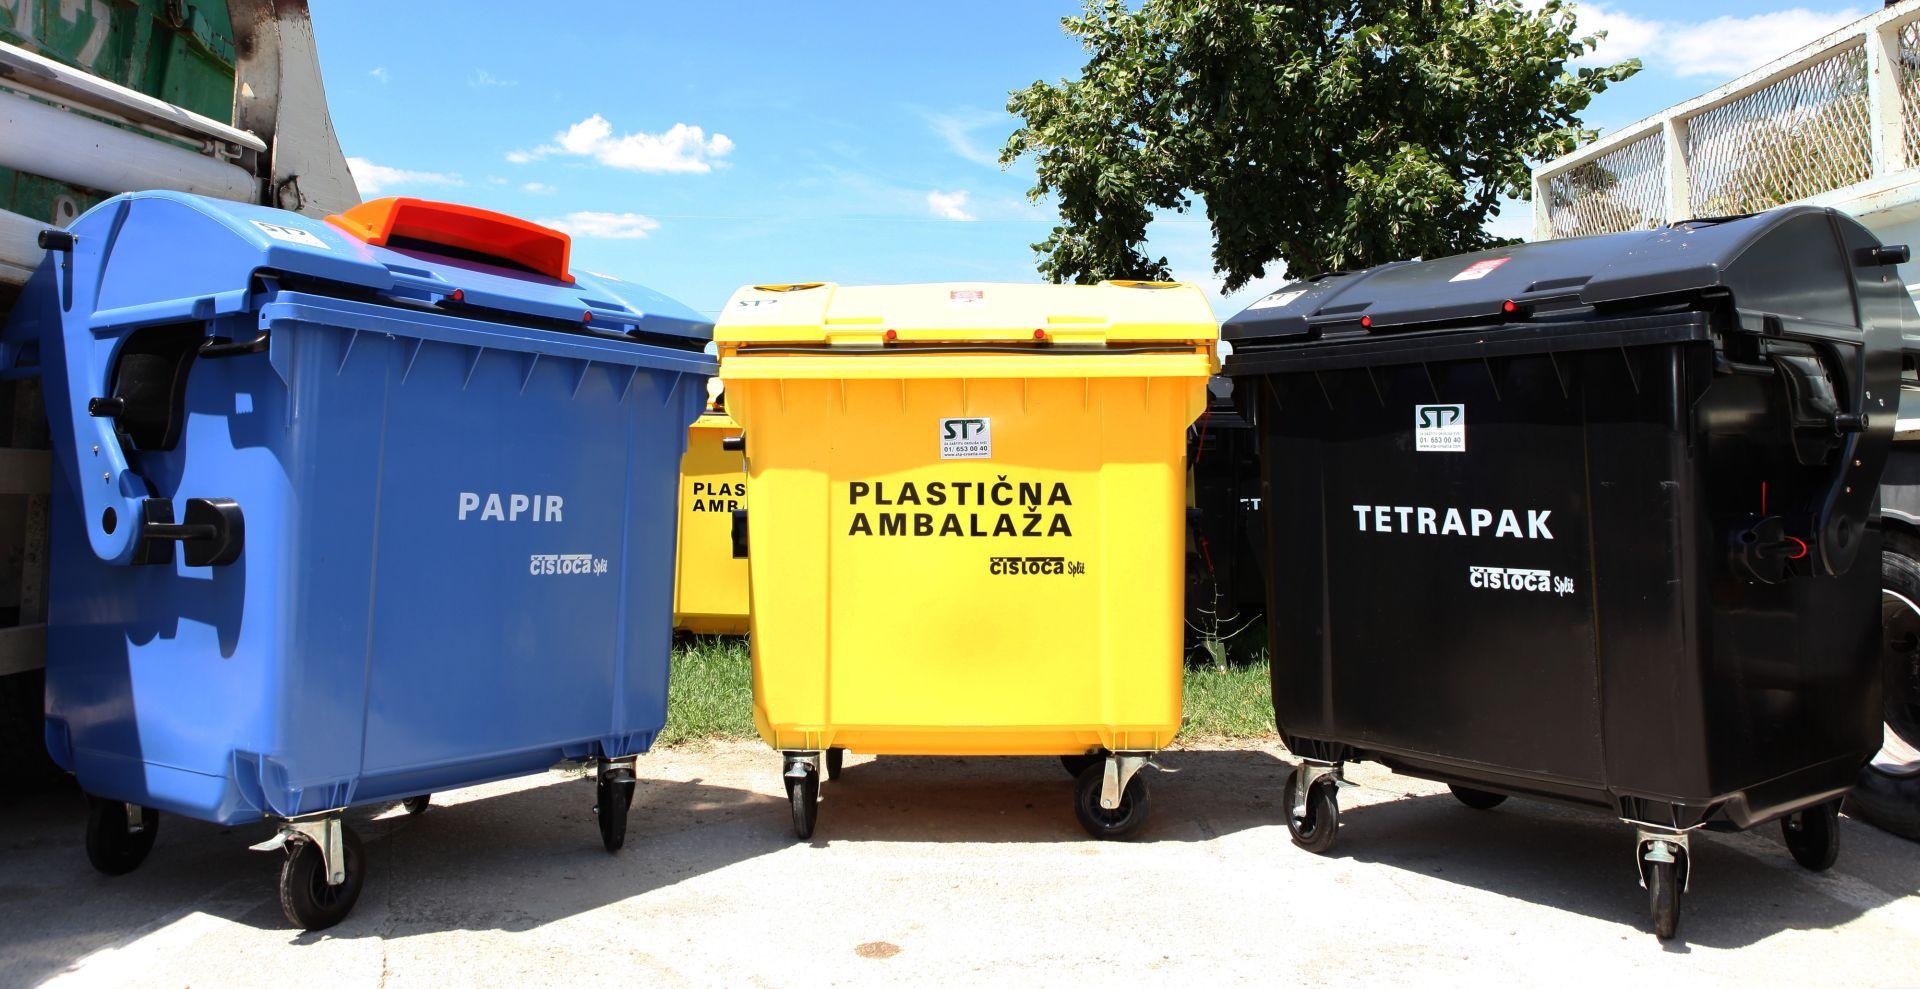 Osigurano skoro 50 milijuna kuna da se Hrvate nauči bacati smeće